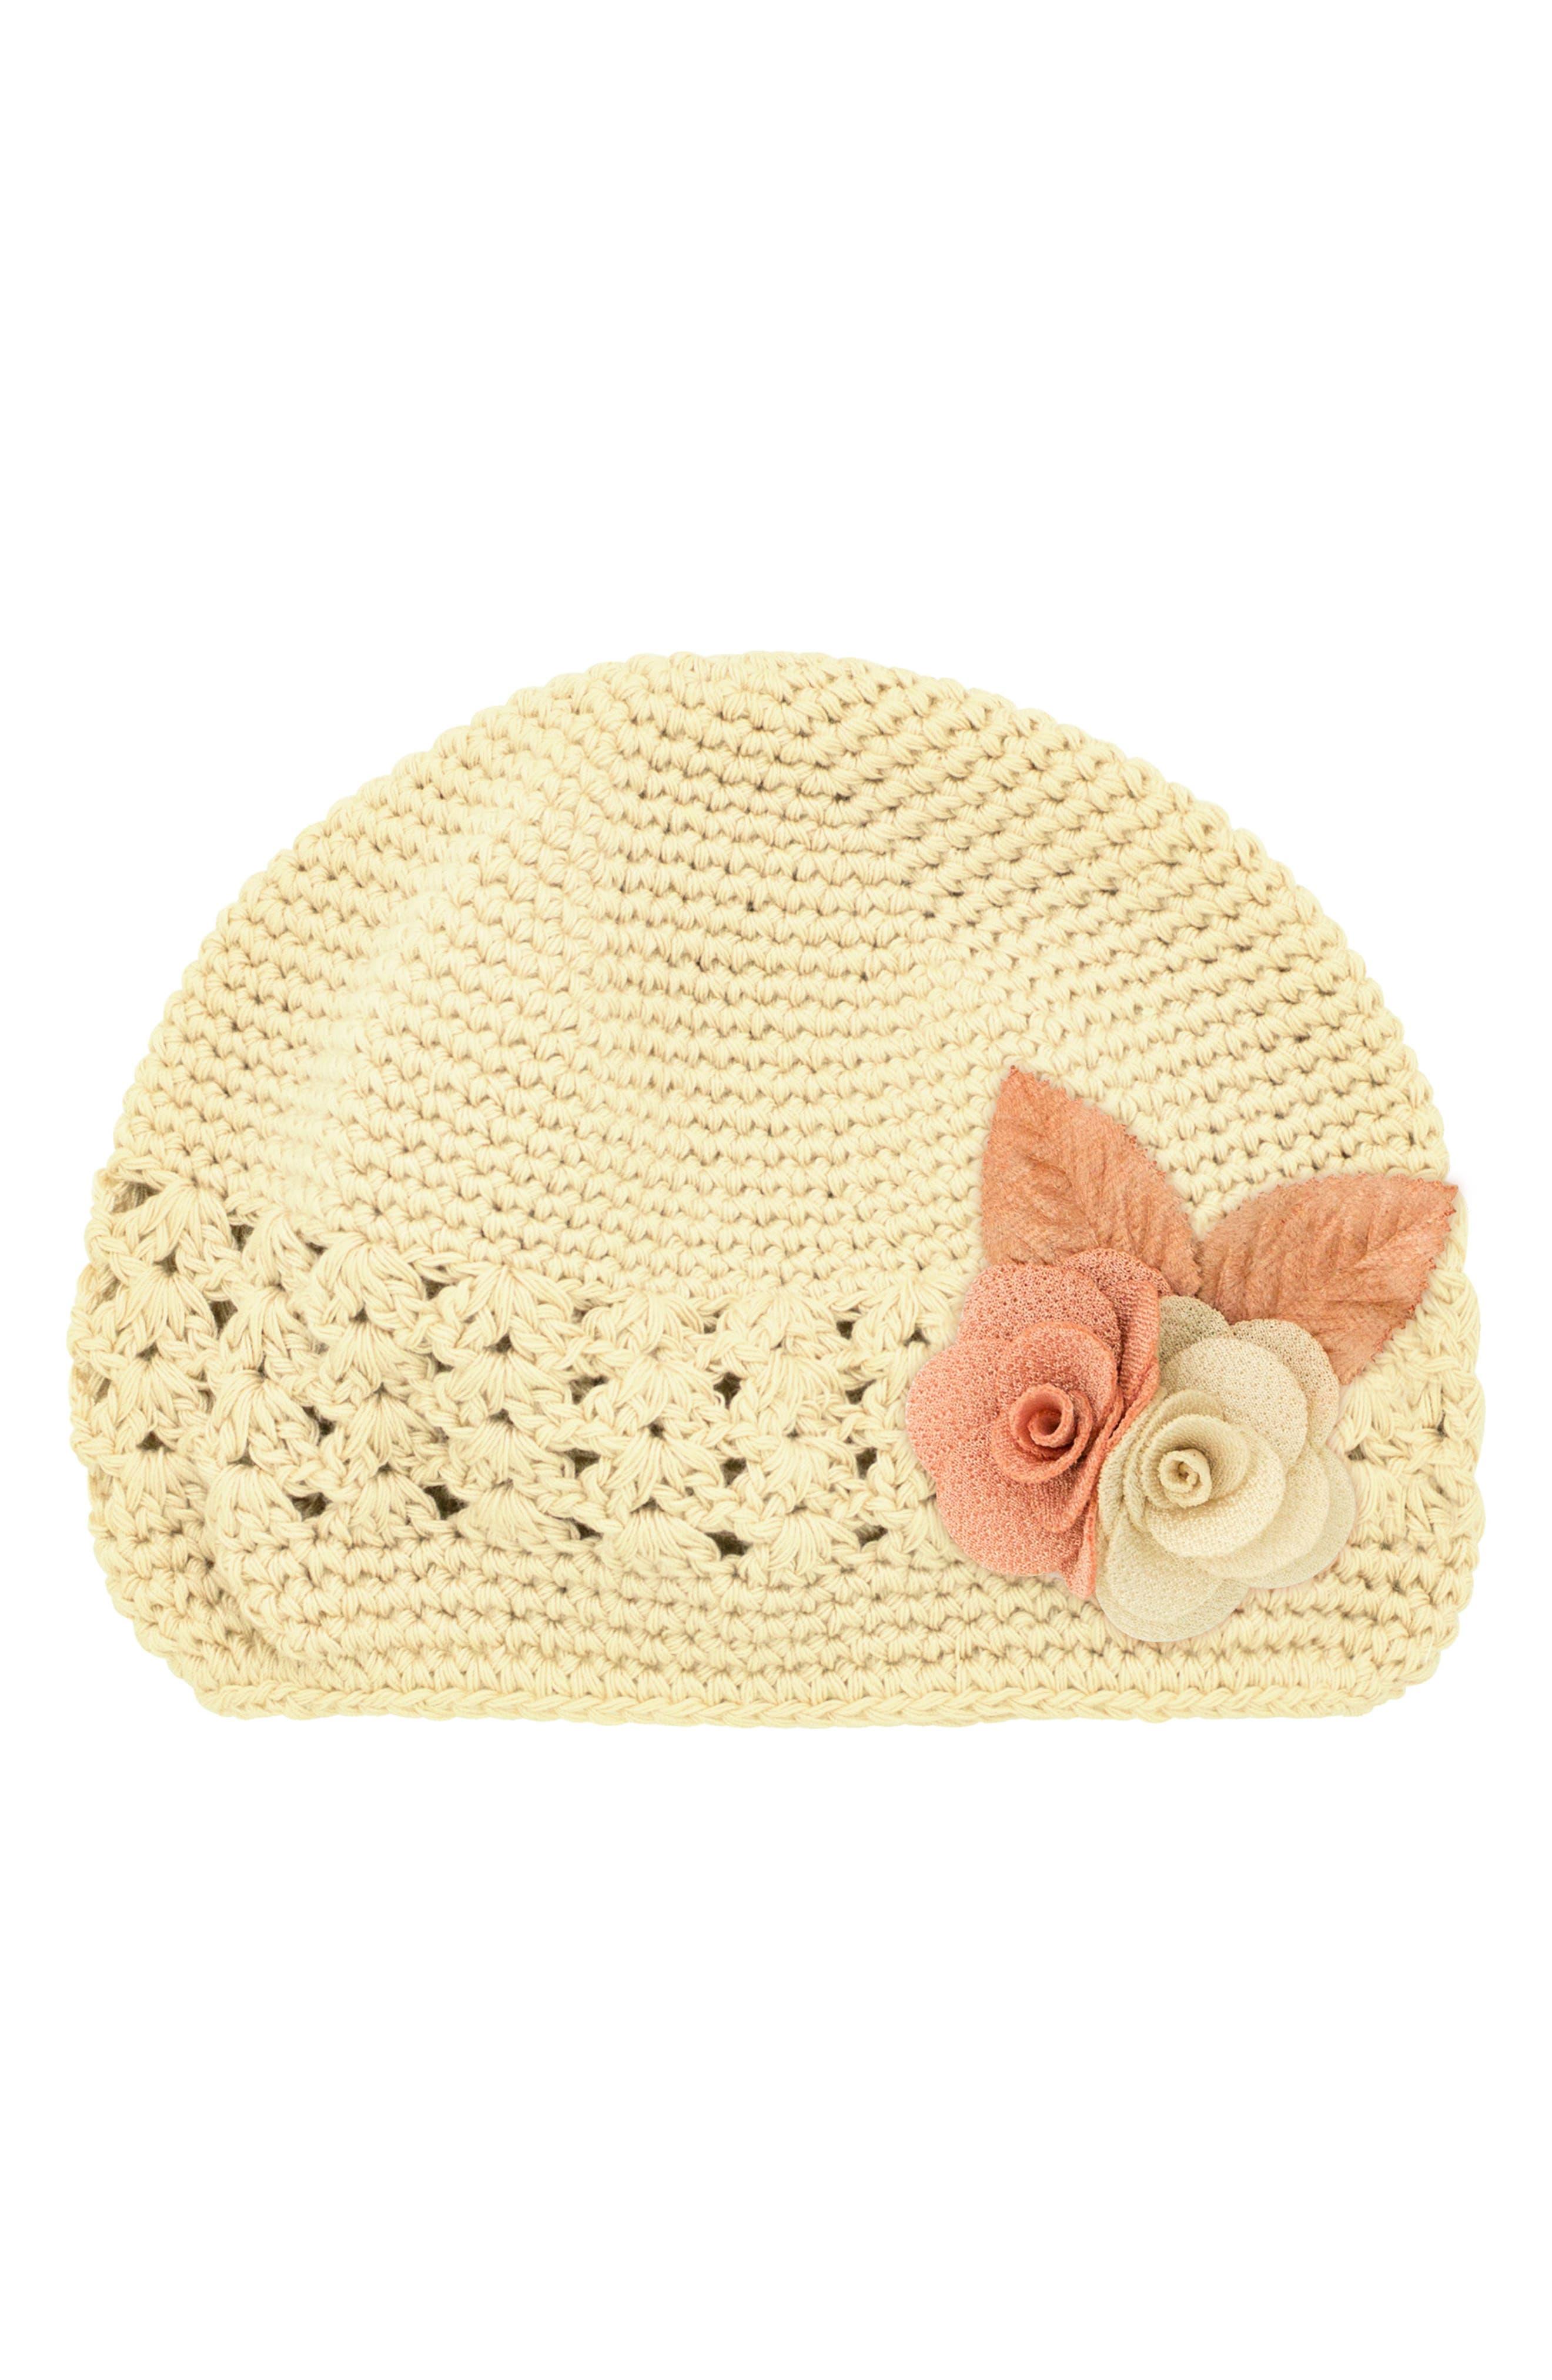 PLH BOWS Linen Flower Crochet Hat, Main, color, 120